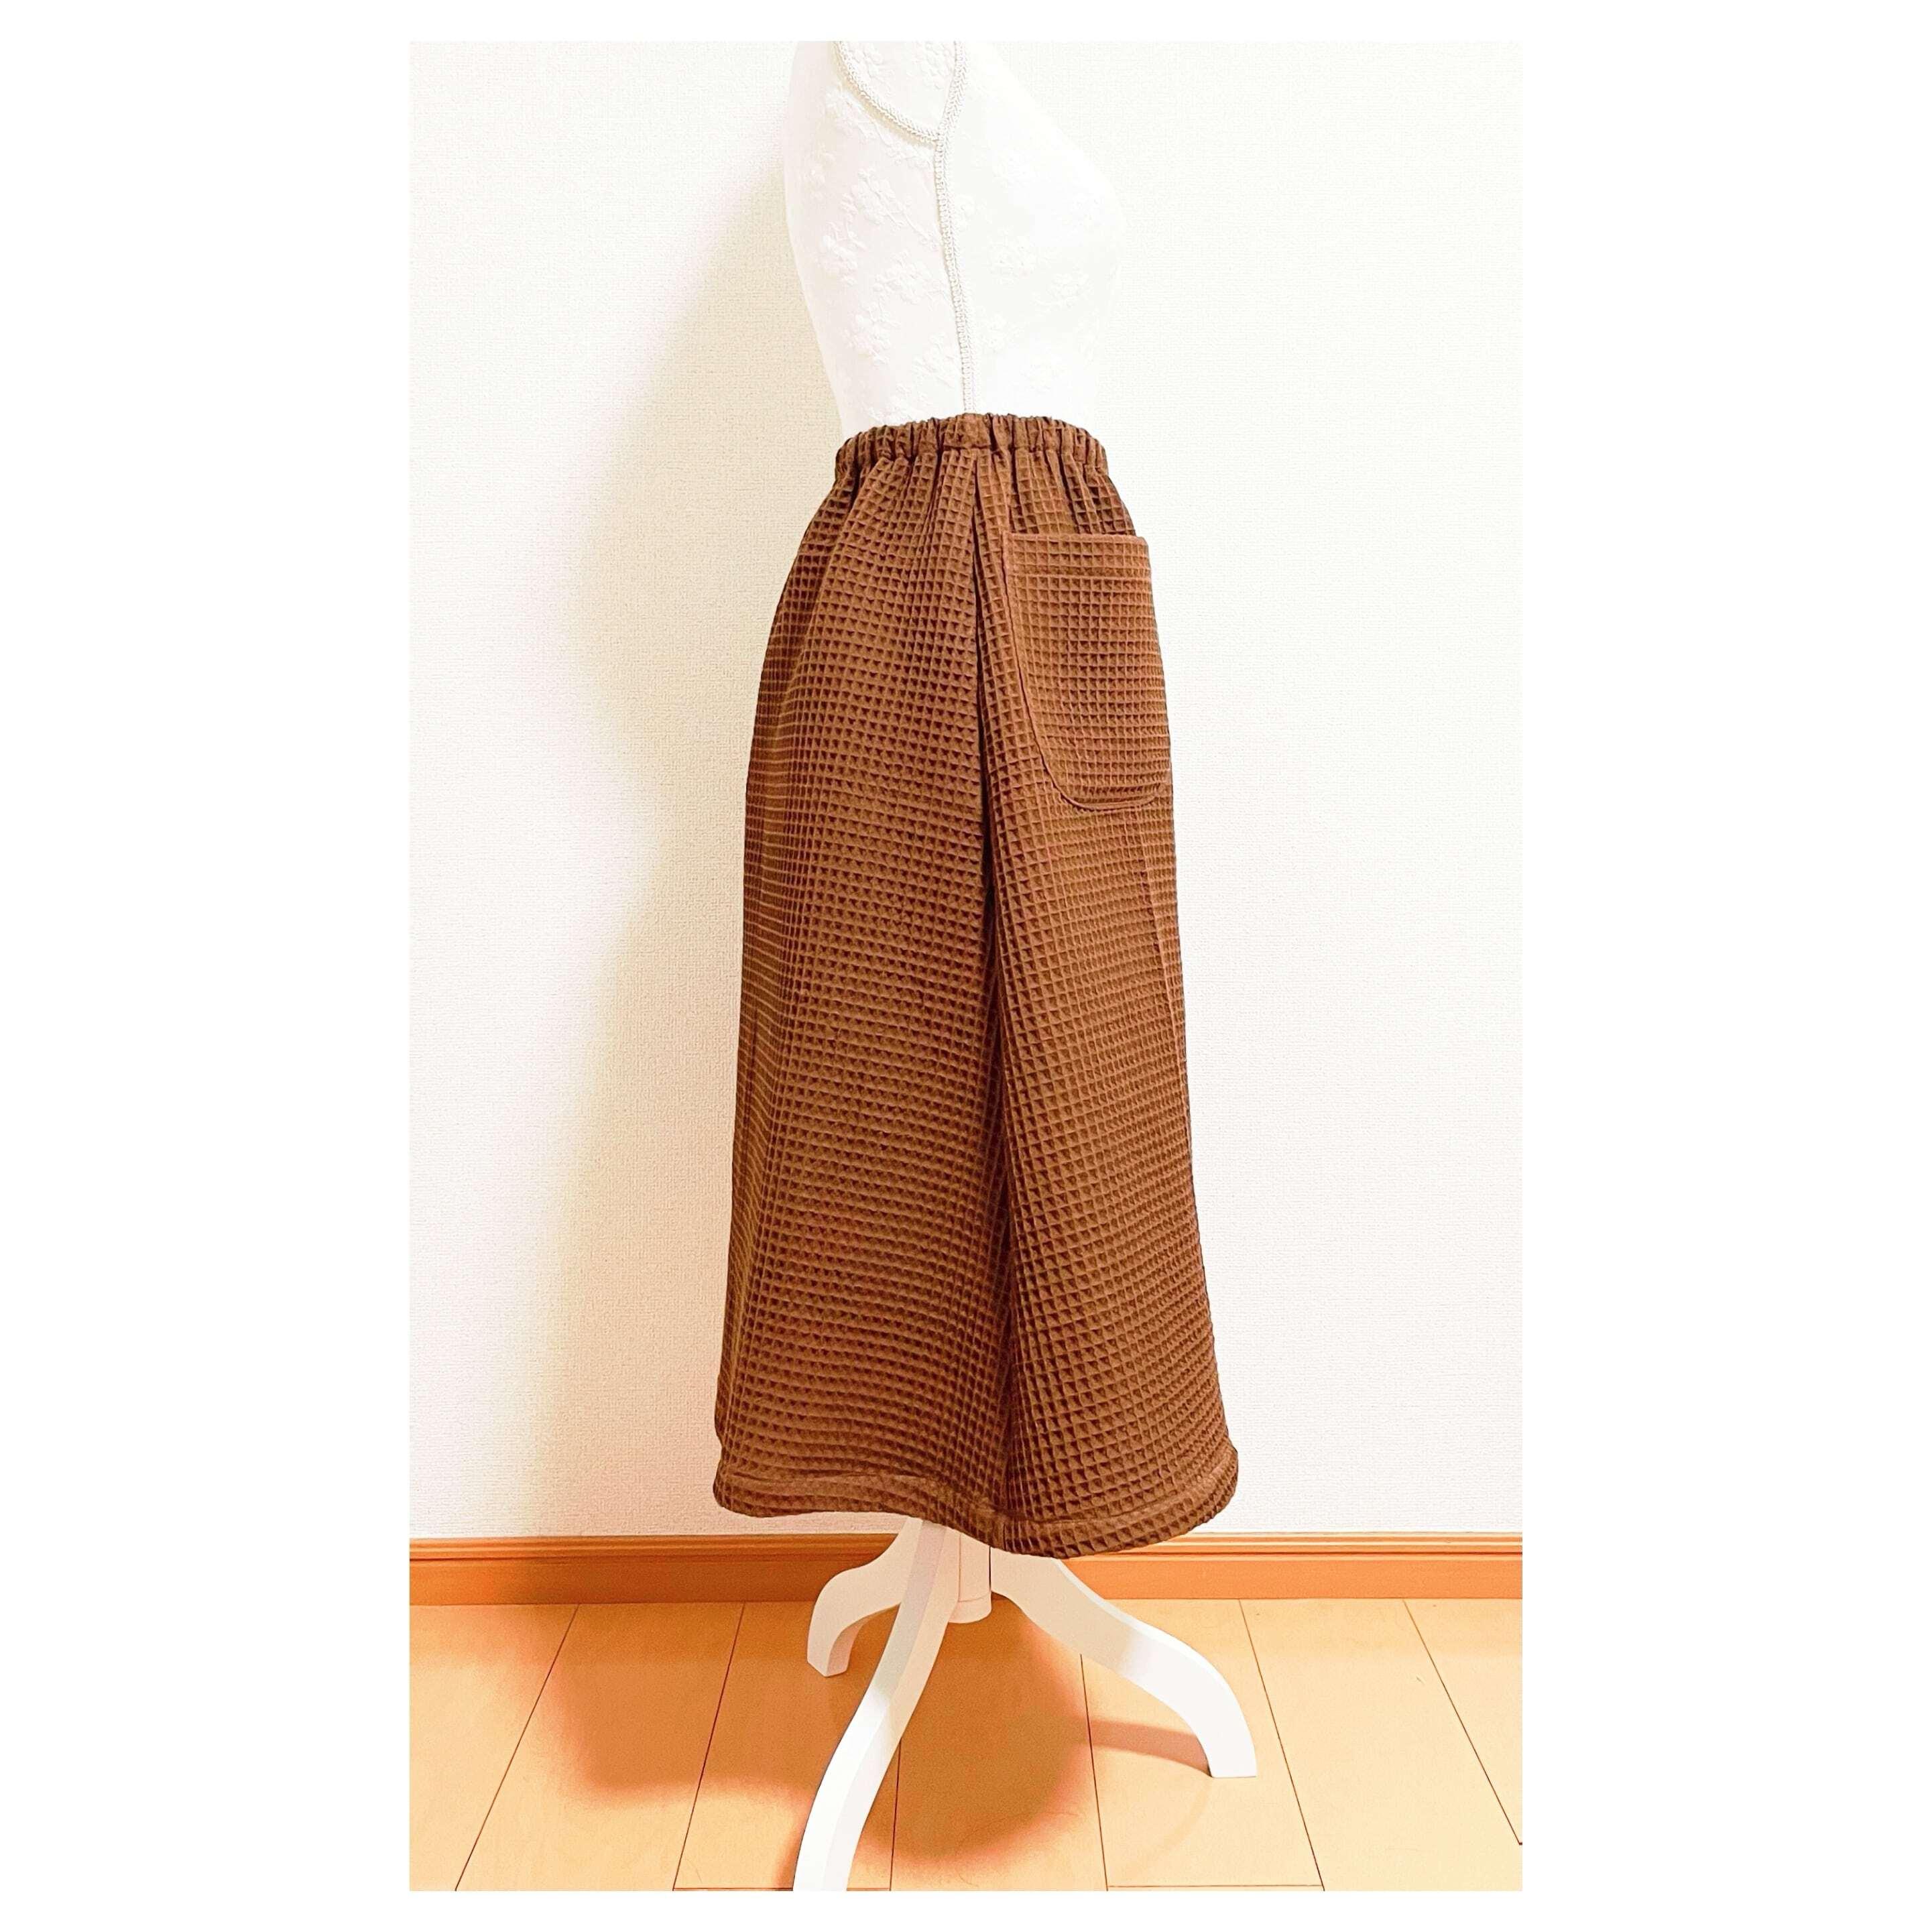 ポケット付き台形スカート型紙【紙版/レシピ付き】商用利用可能